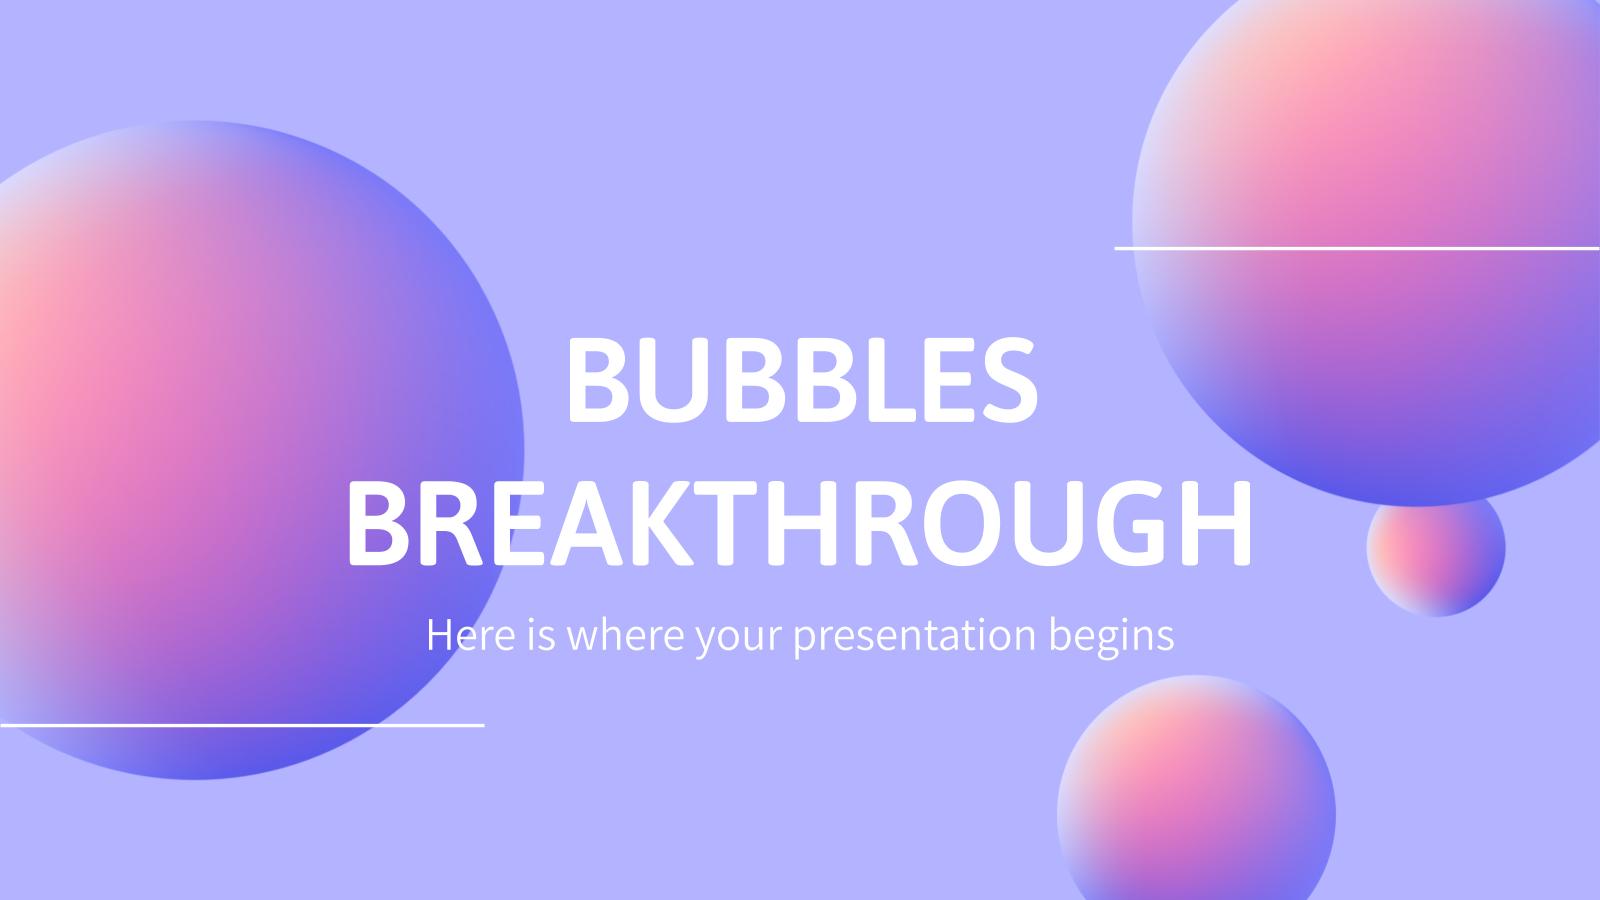 Plantilla de presentación Fondo de burbujas avance médico